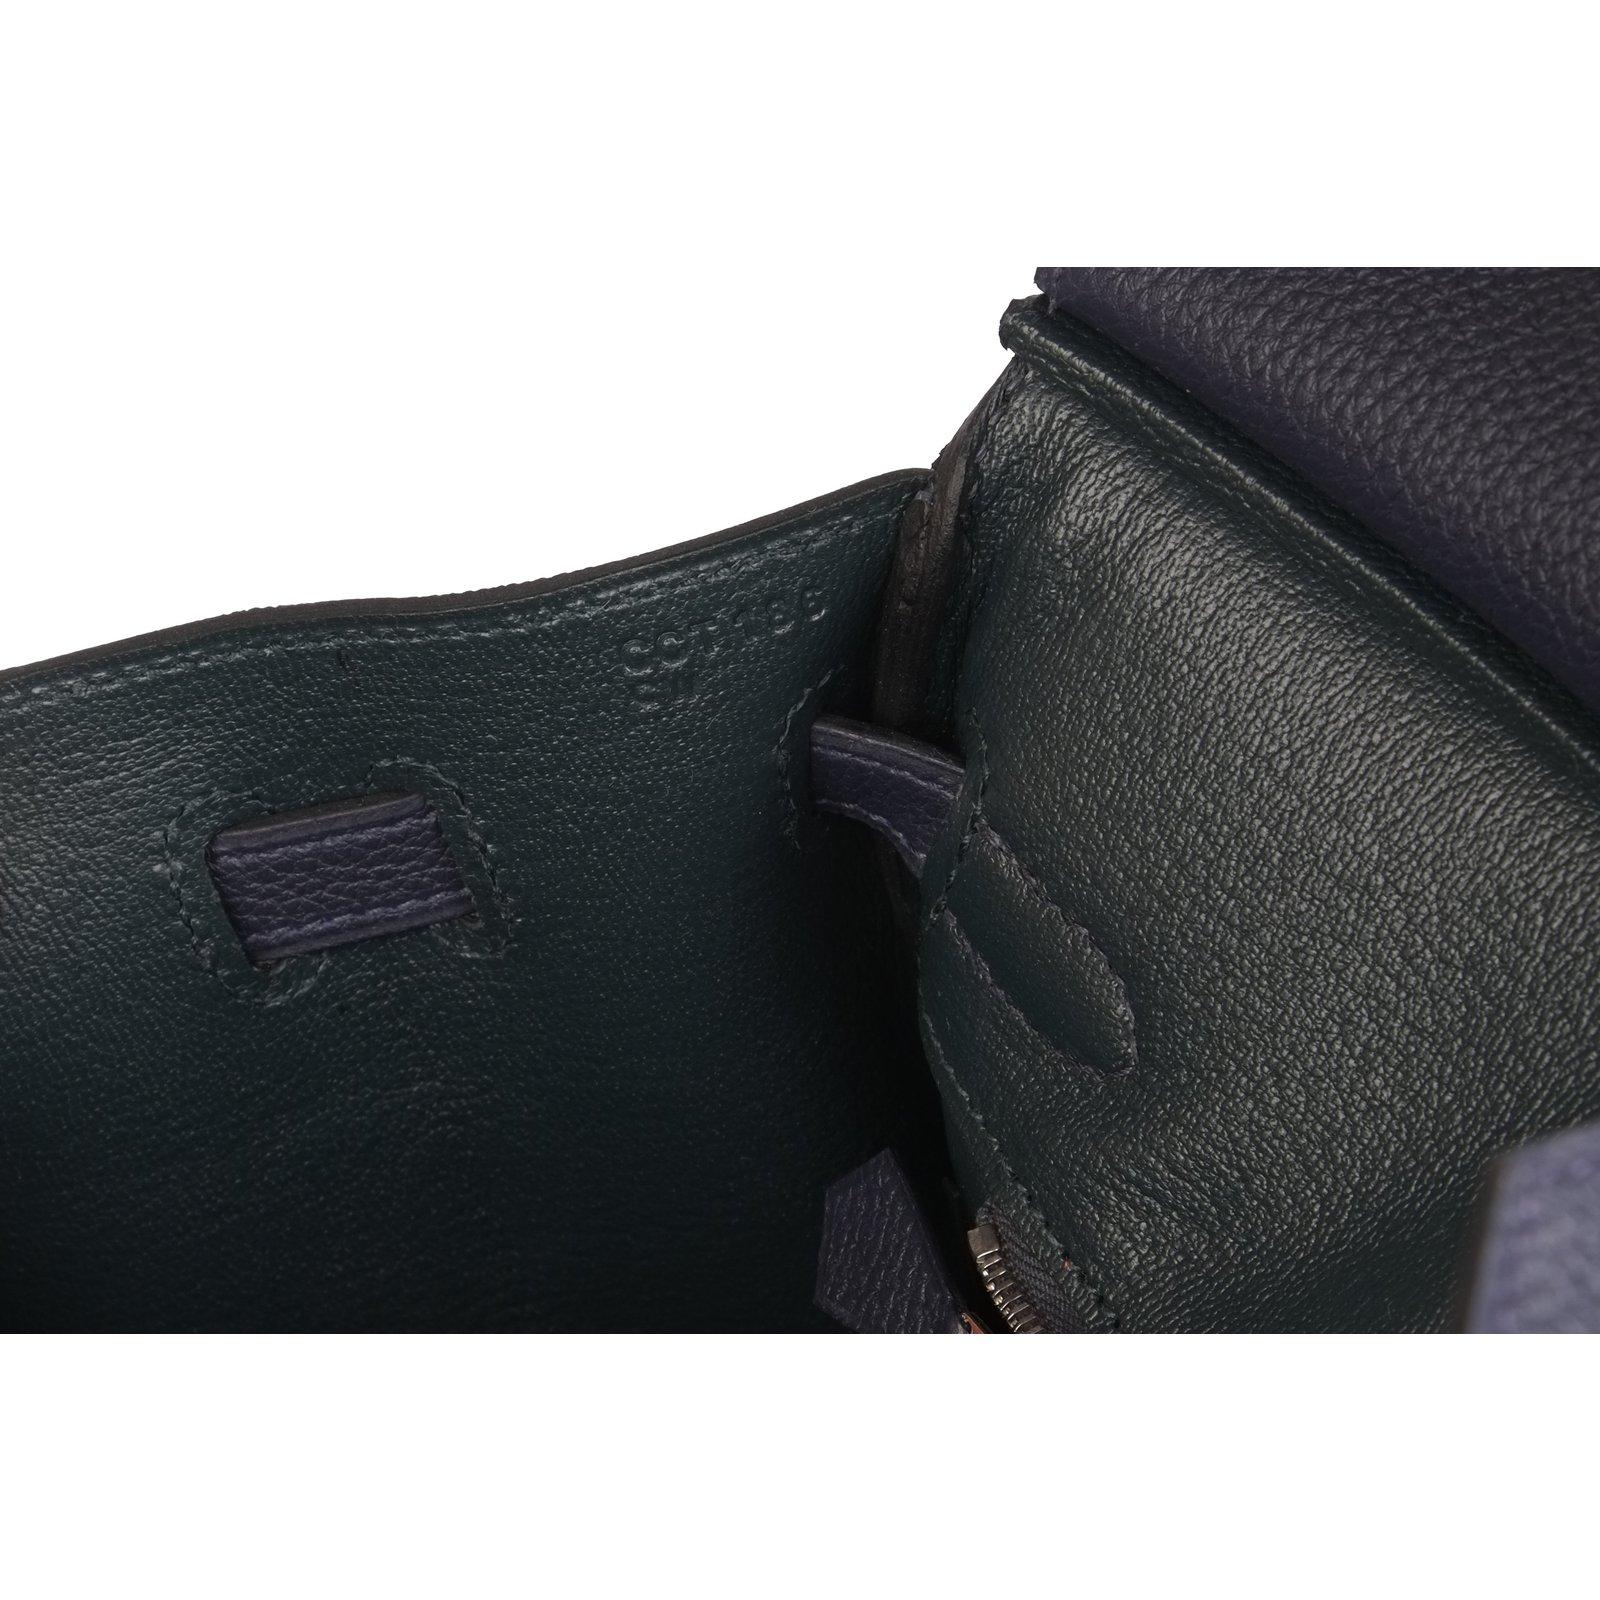 45573c24d3 Hermès Hermès Birkin 25 limited edition